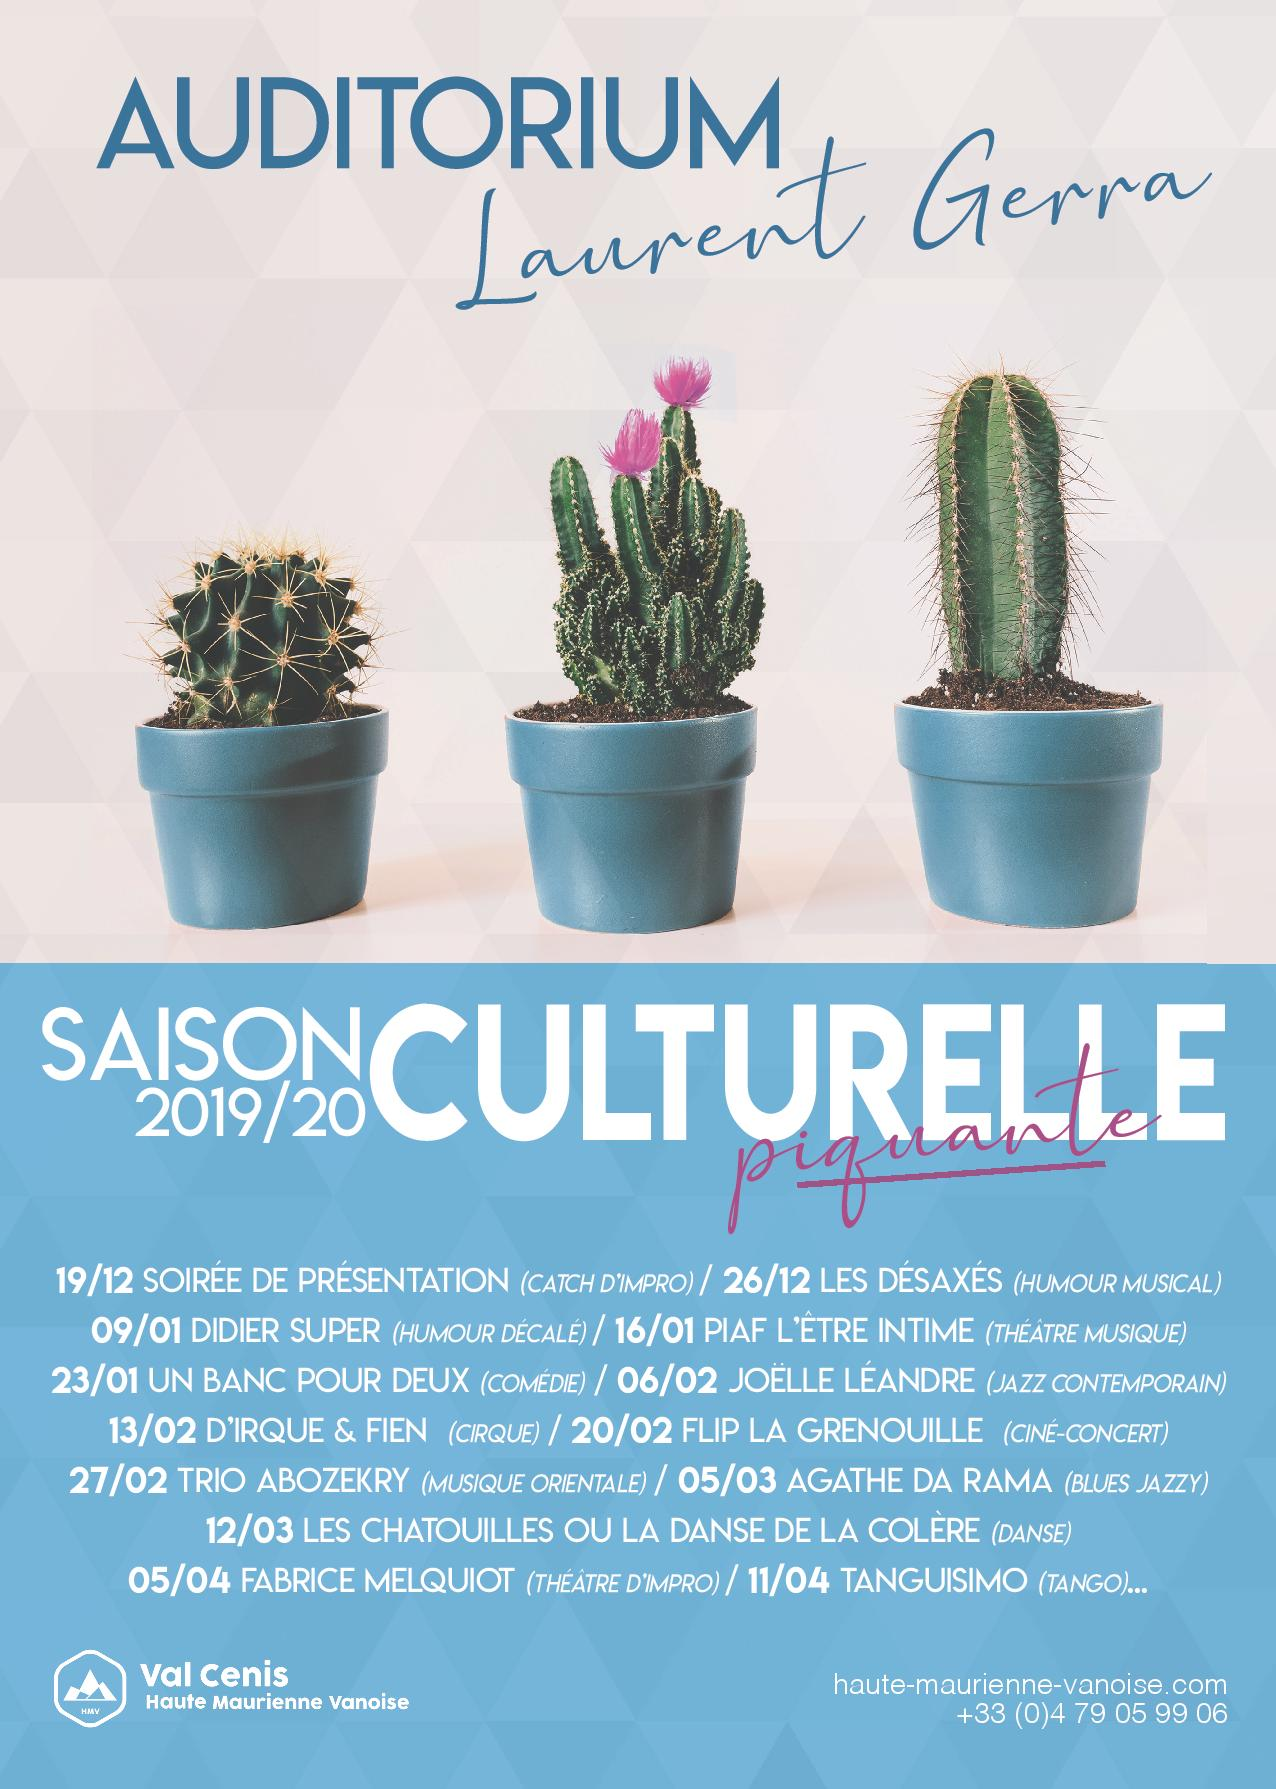 ABONNEMENT AUDITORIUM SAISON HIVERNALE 2019-2020 Val Cenis Lanslebourg